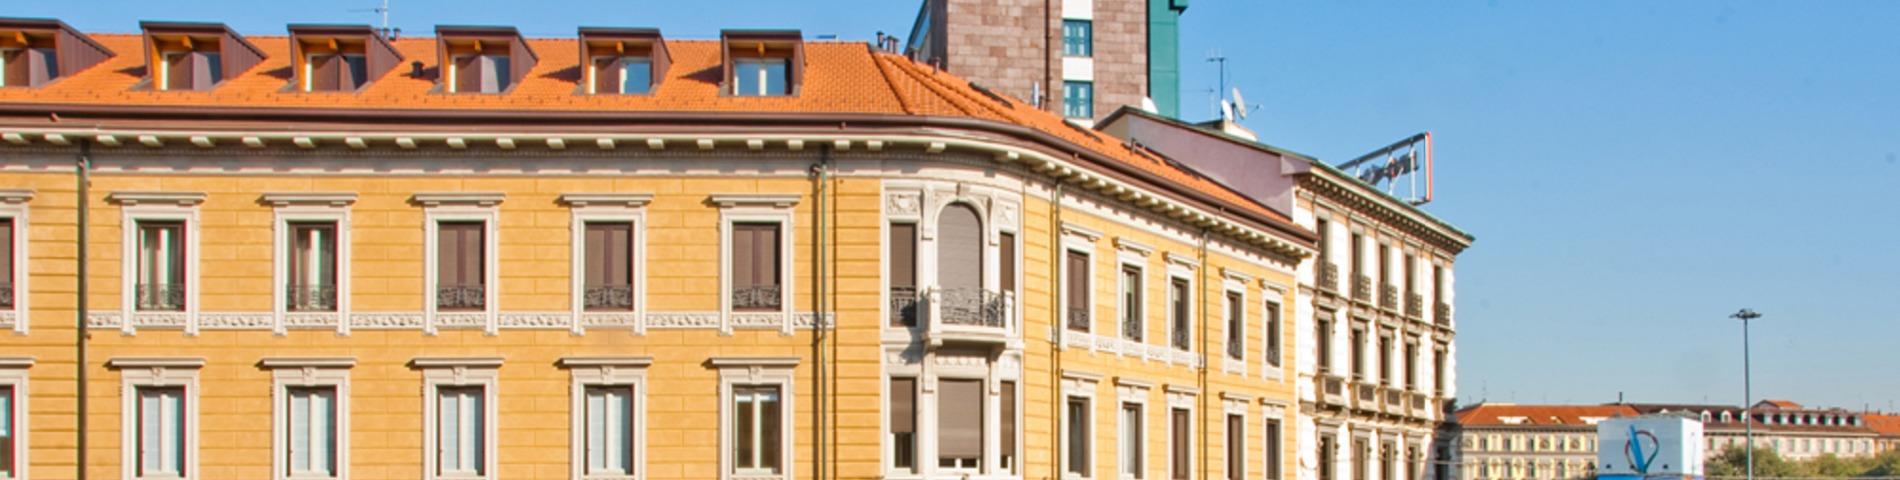 Obrázok školy Istituto Dante Alighieri – 1